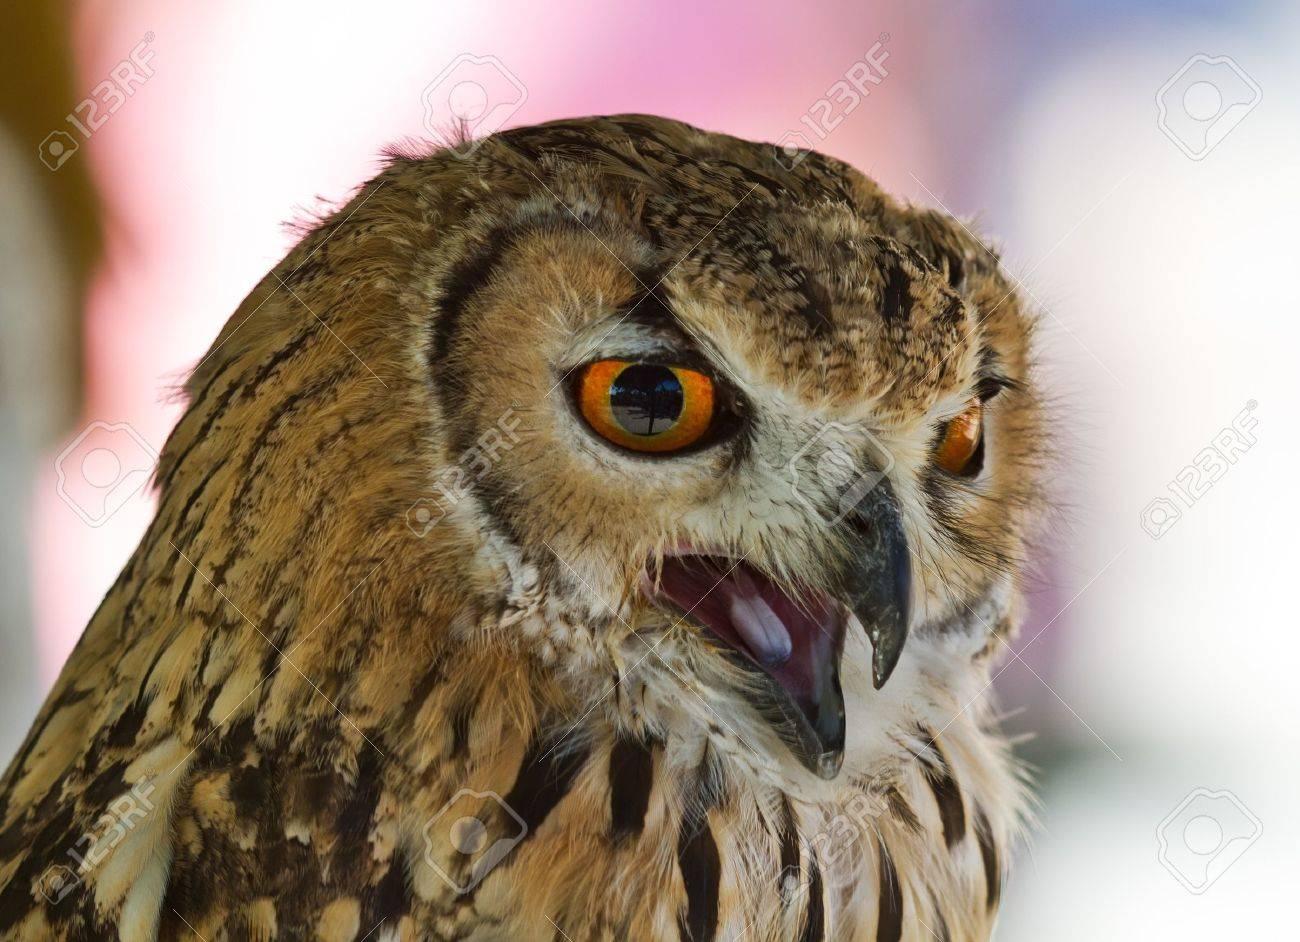 El Búho Es Un Ave Grande Y Poderoso, Más Pequeño Que El águila Pero ...